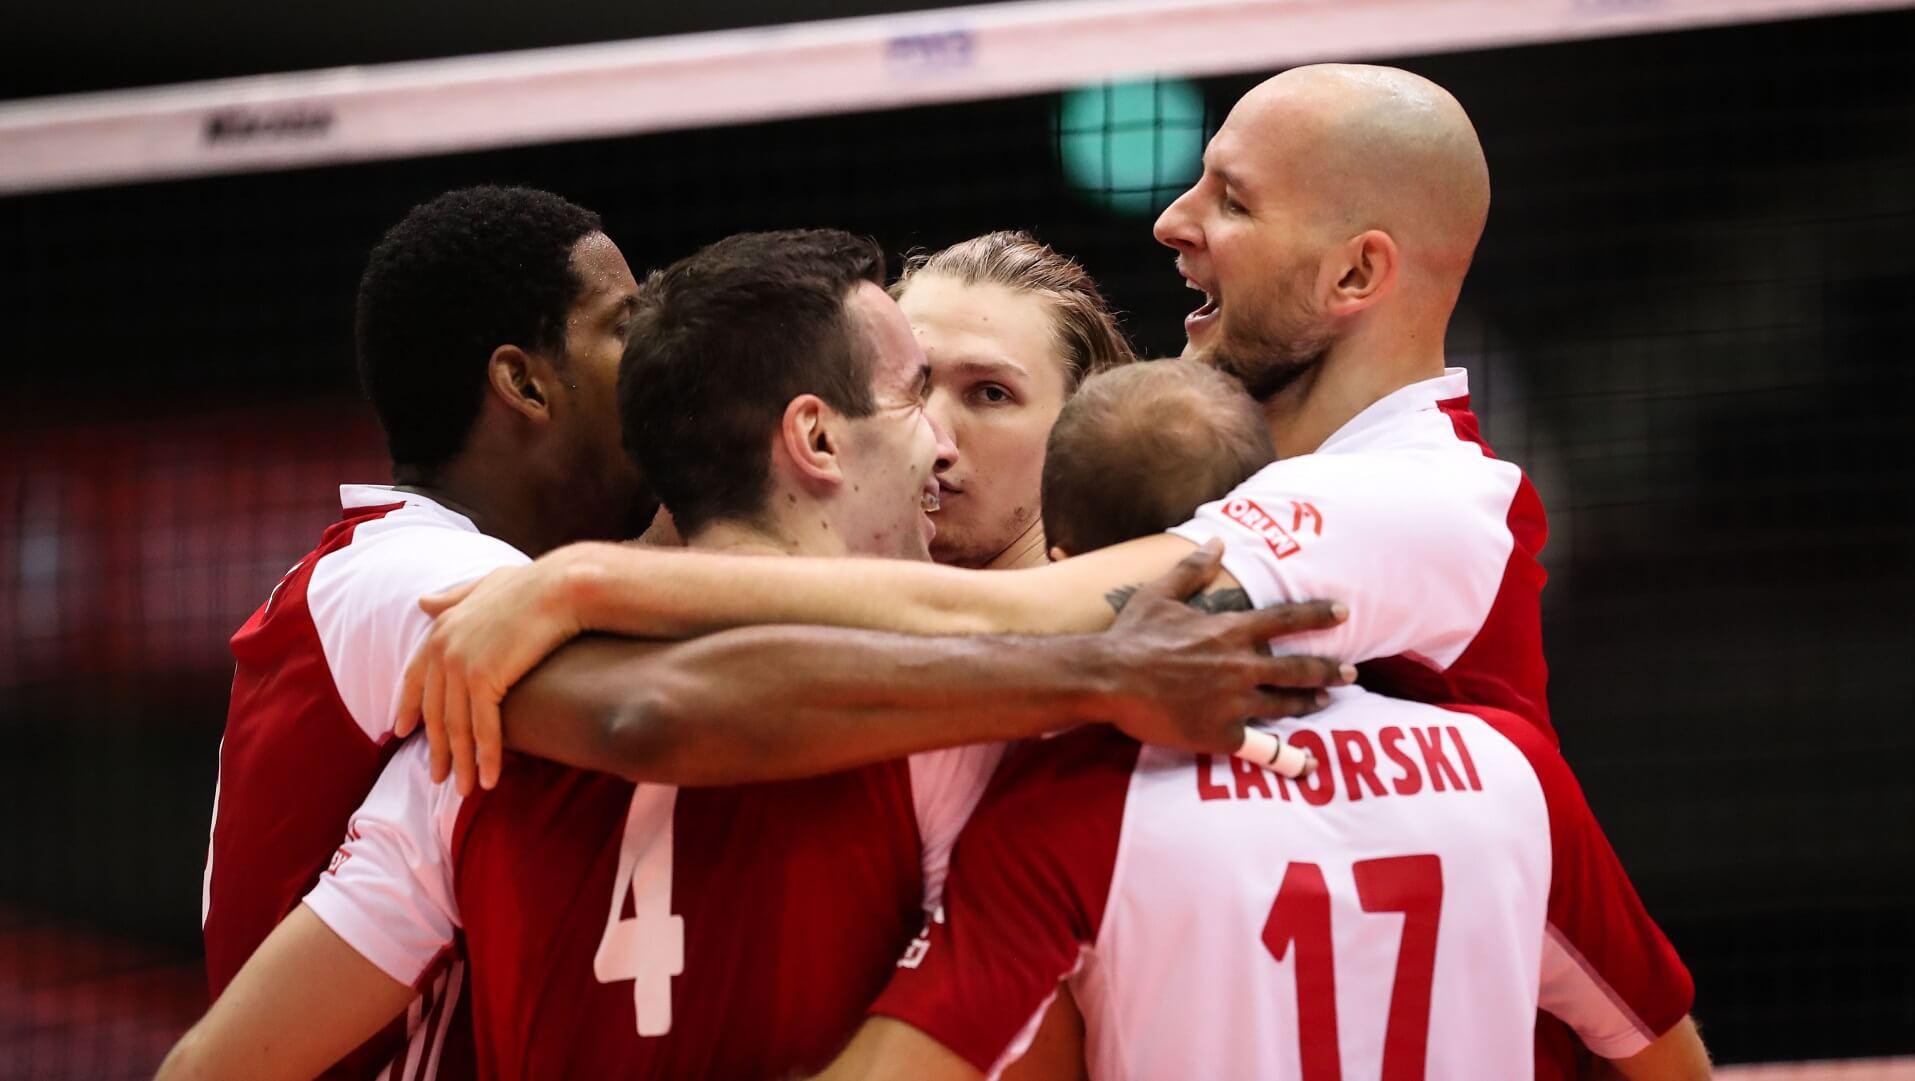 Reprezentant Polski Wilfredo León został wybrany do drużyny marzeń zakończonego Pucharu Świata w siatkówce